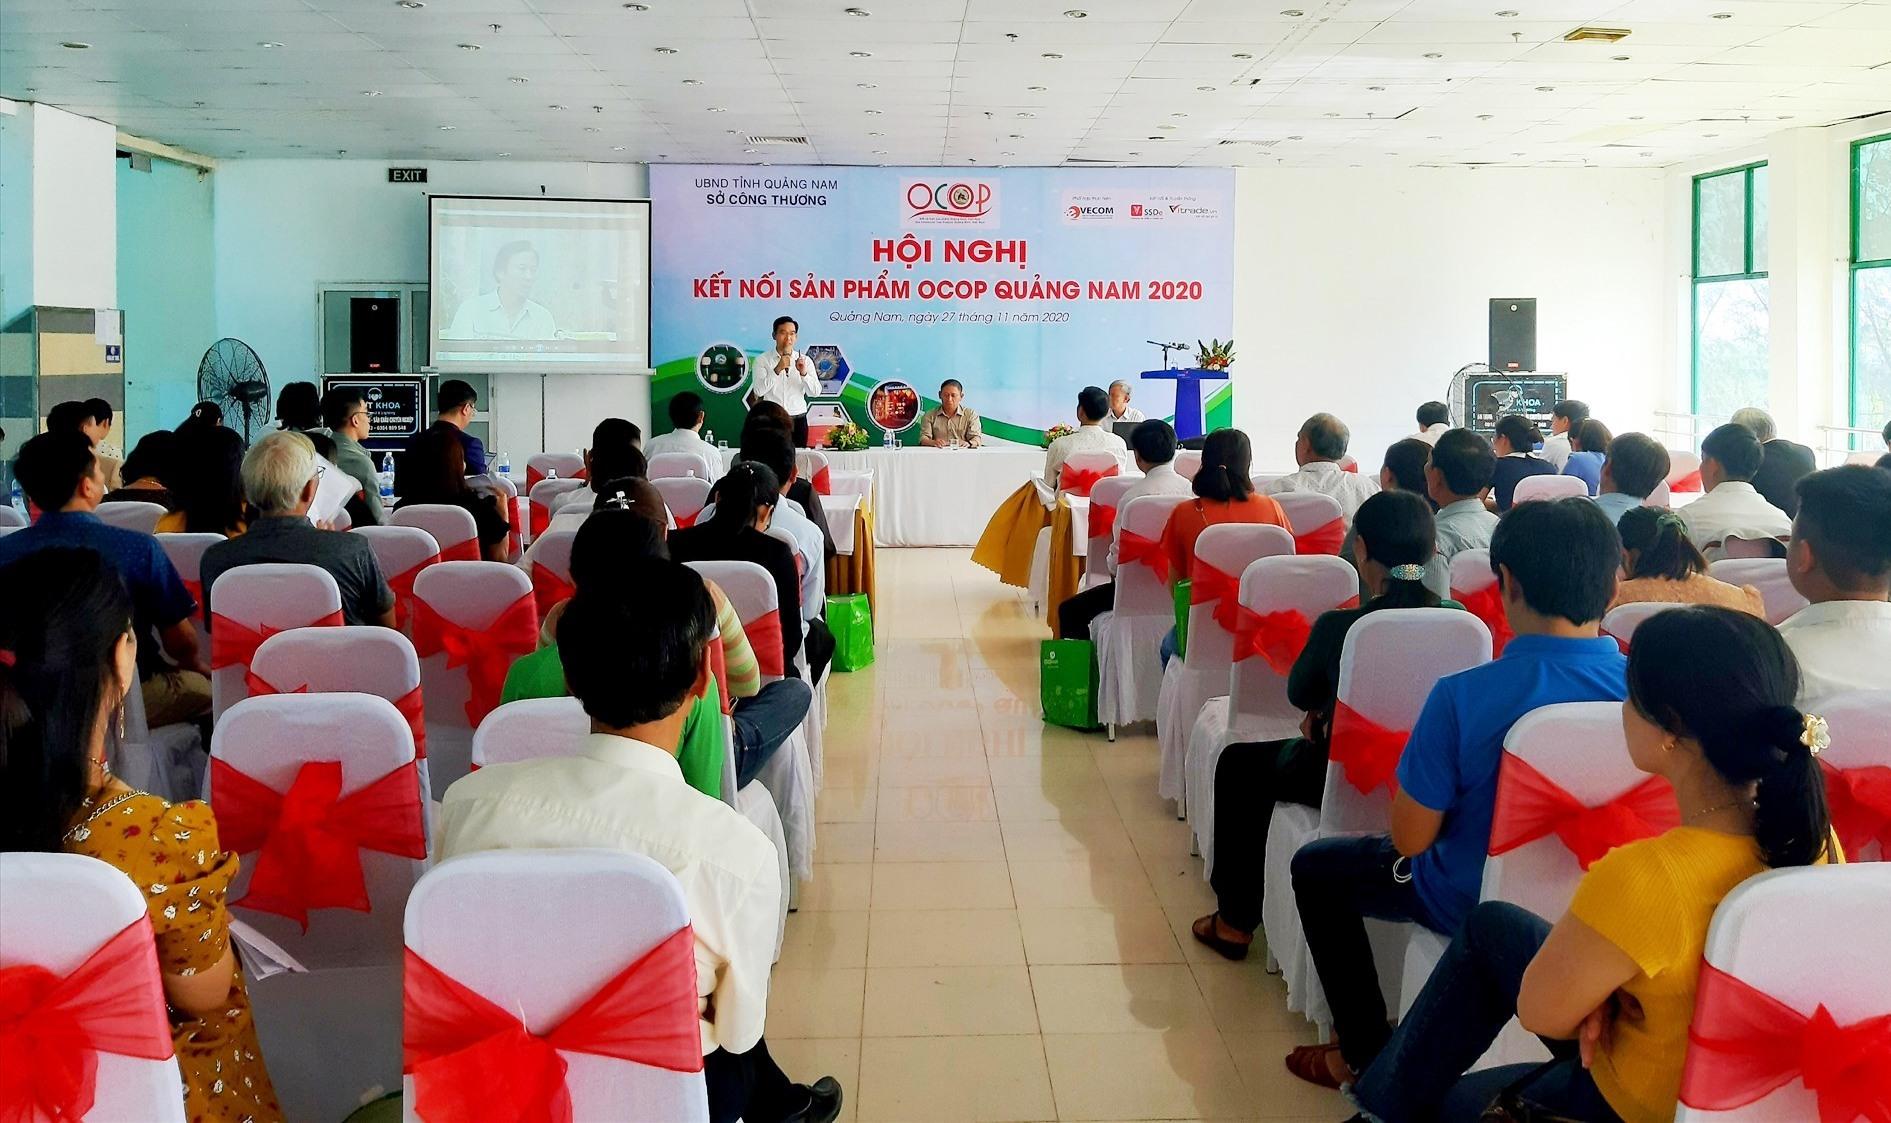 Quang cảnh hội nghị kết nối sản phẩm OCOP Quảng Nam năm 2020 diễn ra sáng nay 27.11. Ảnh: S.V